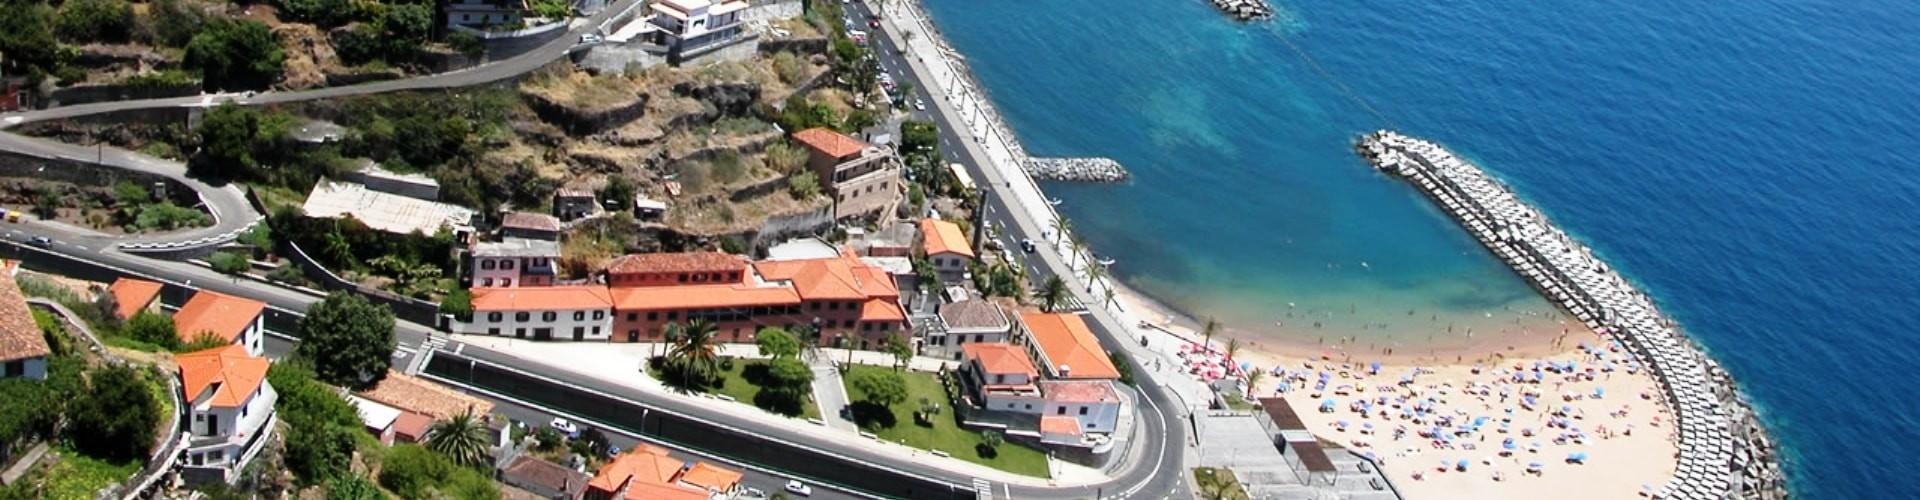 Calheta Municipality in Madeira Island